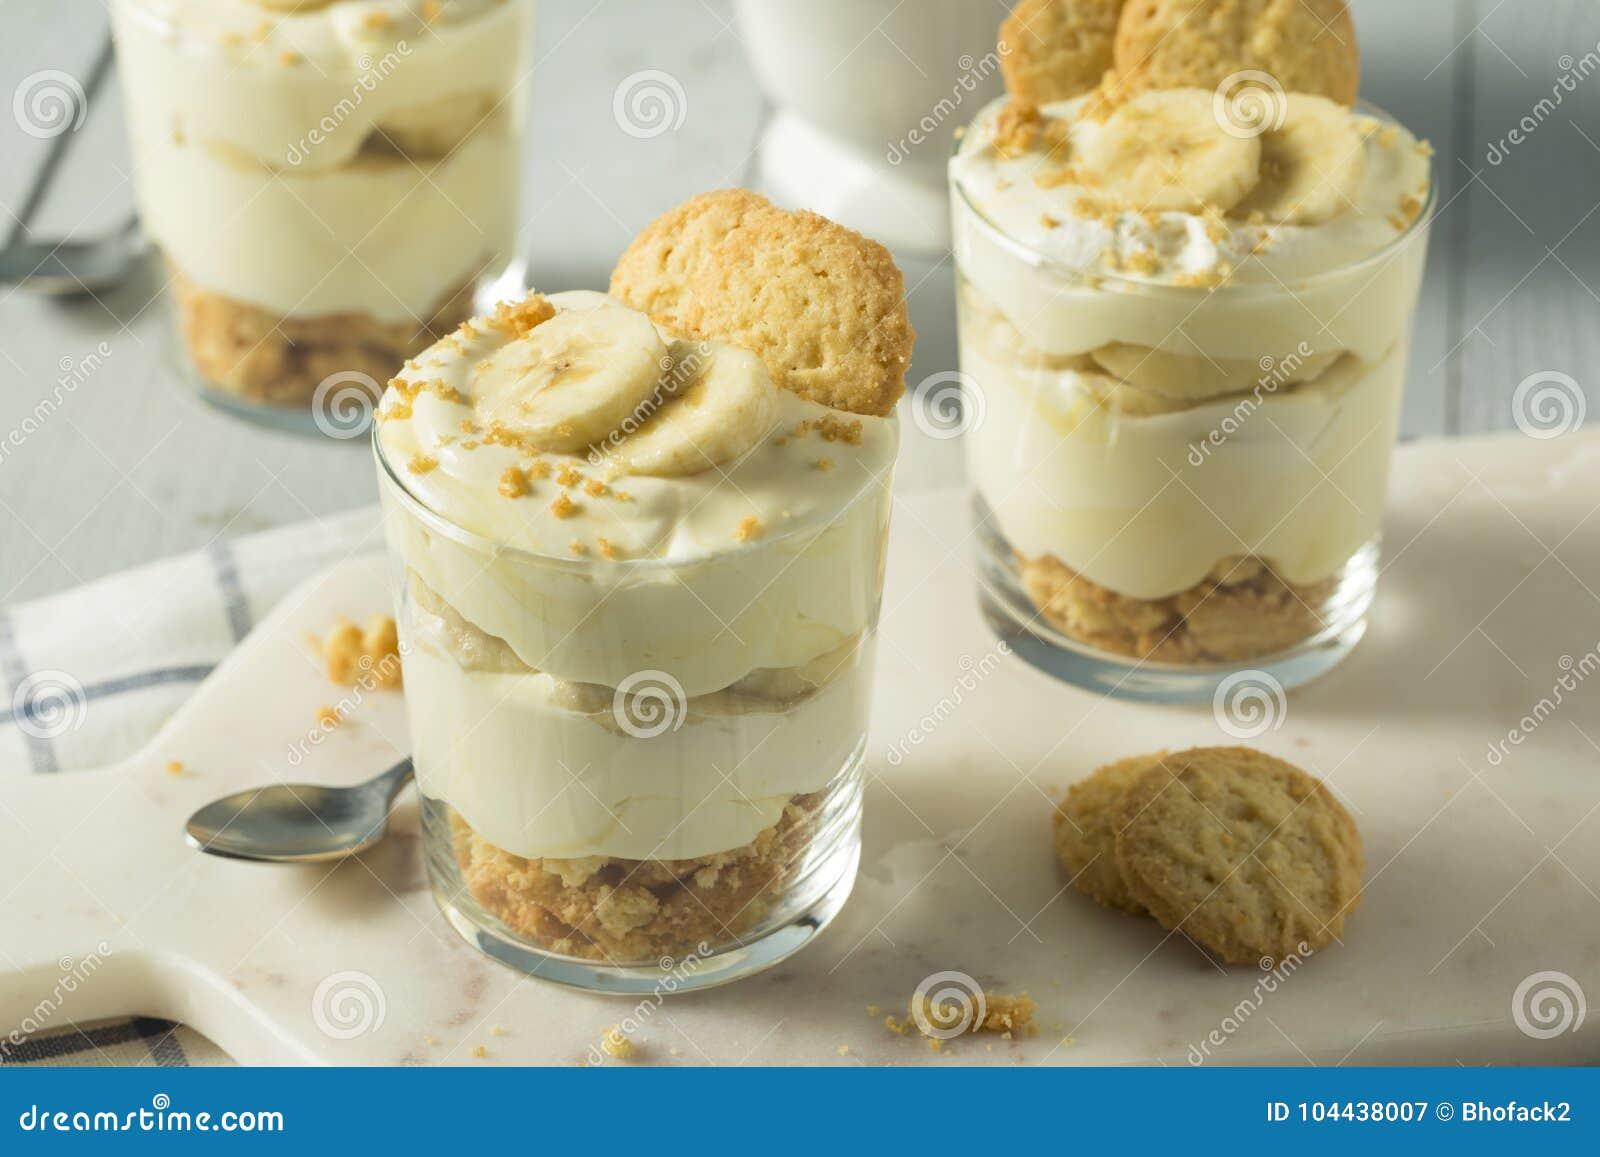 Sweet Homemade Banana Pudding